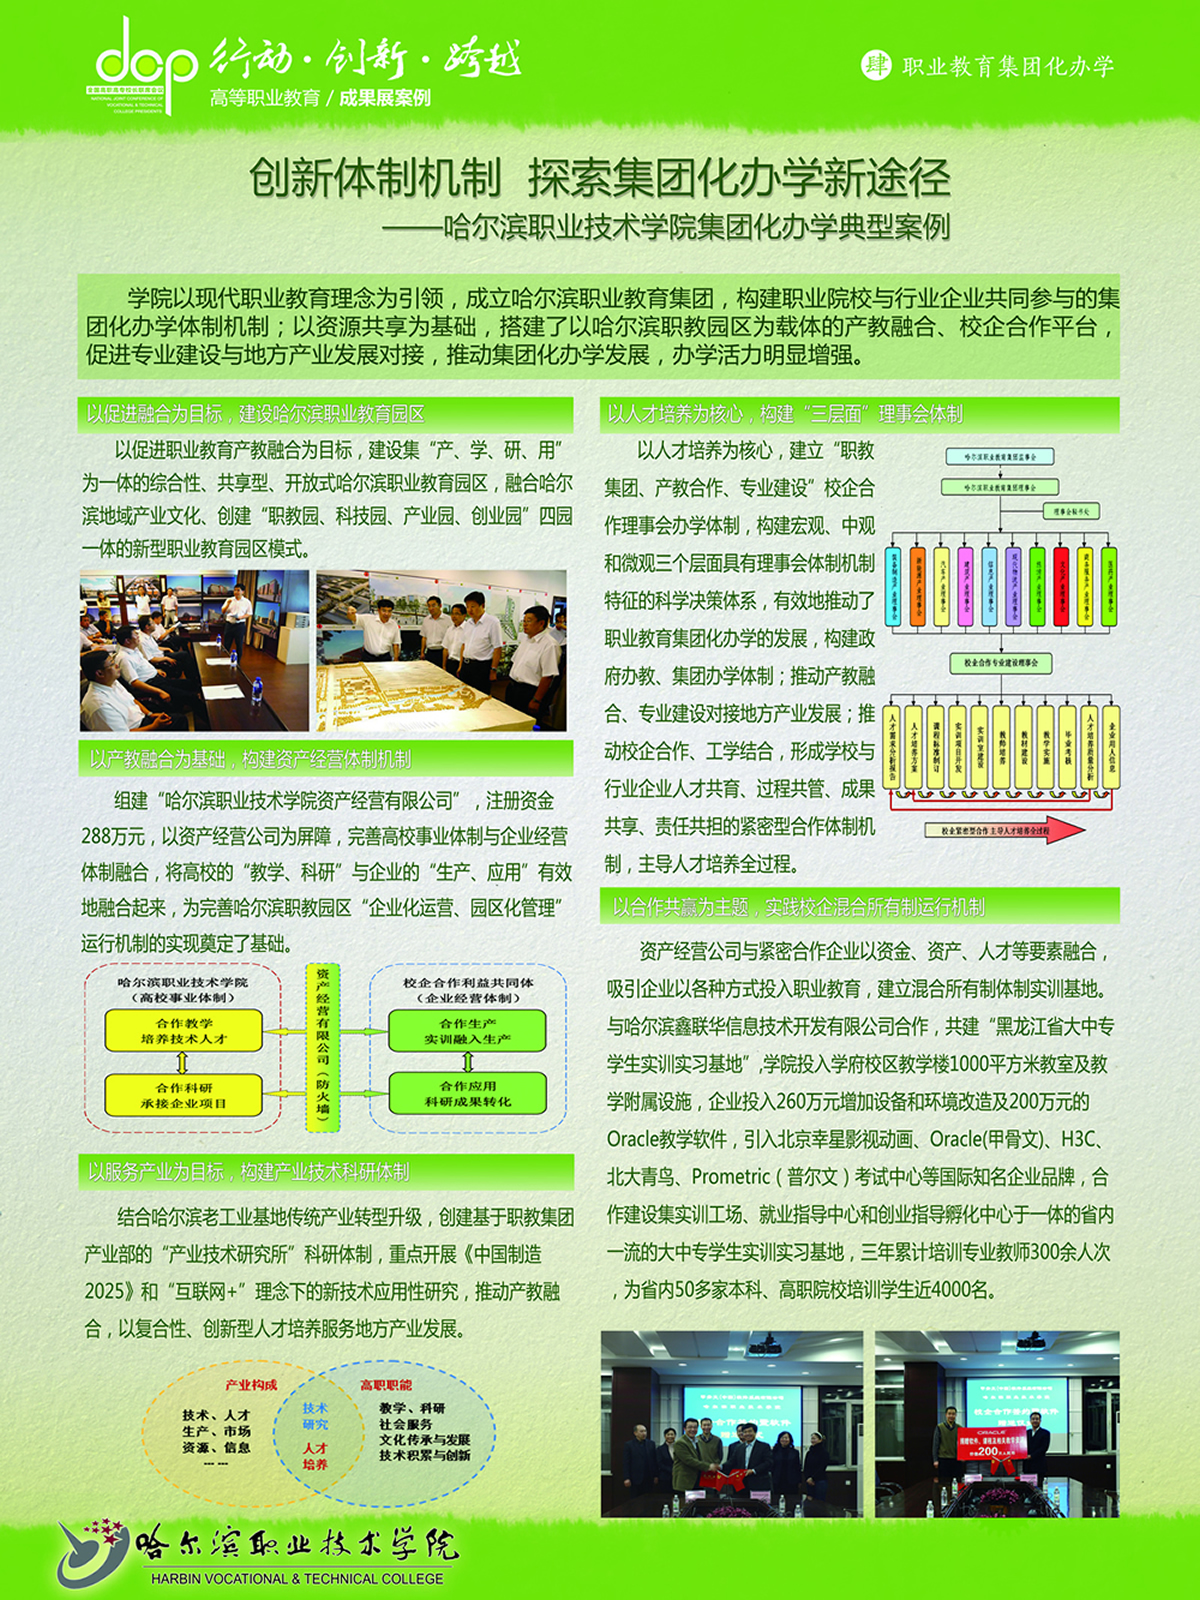 7哈尔滨职业技术学院+宣传展板+职业教育集团化办学1